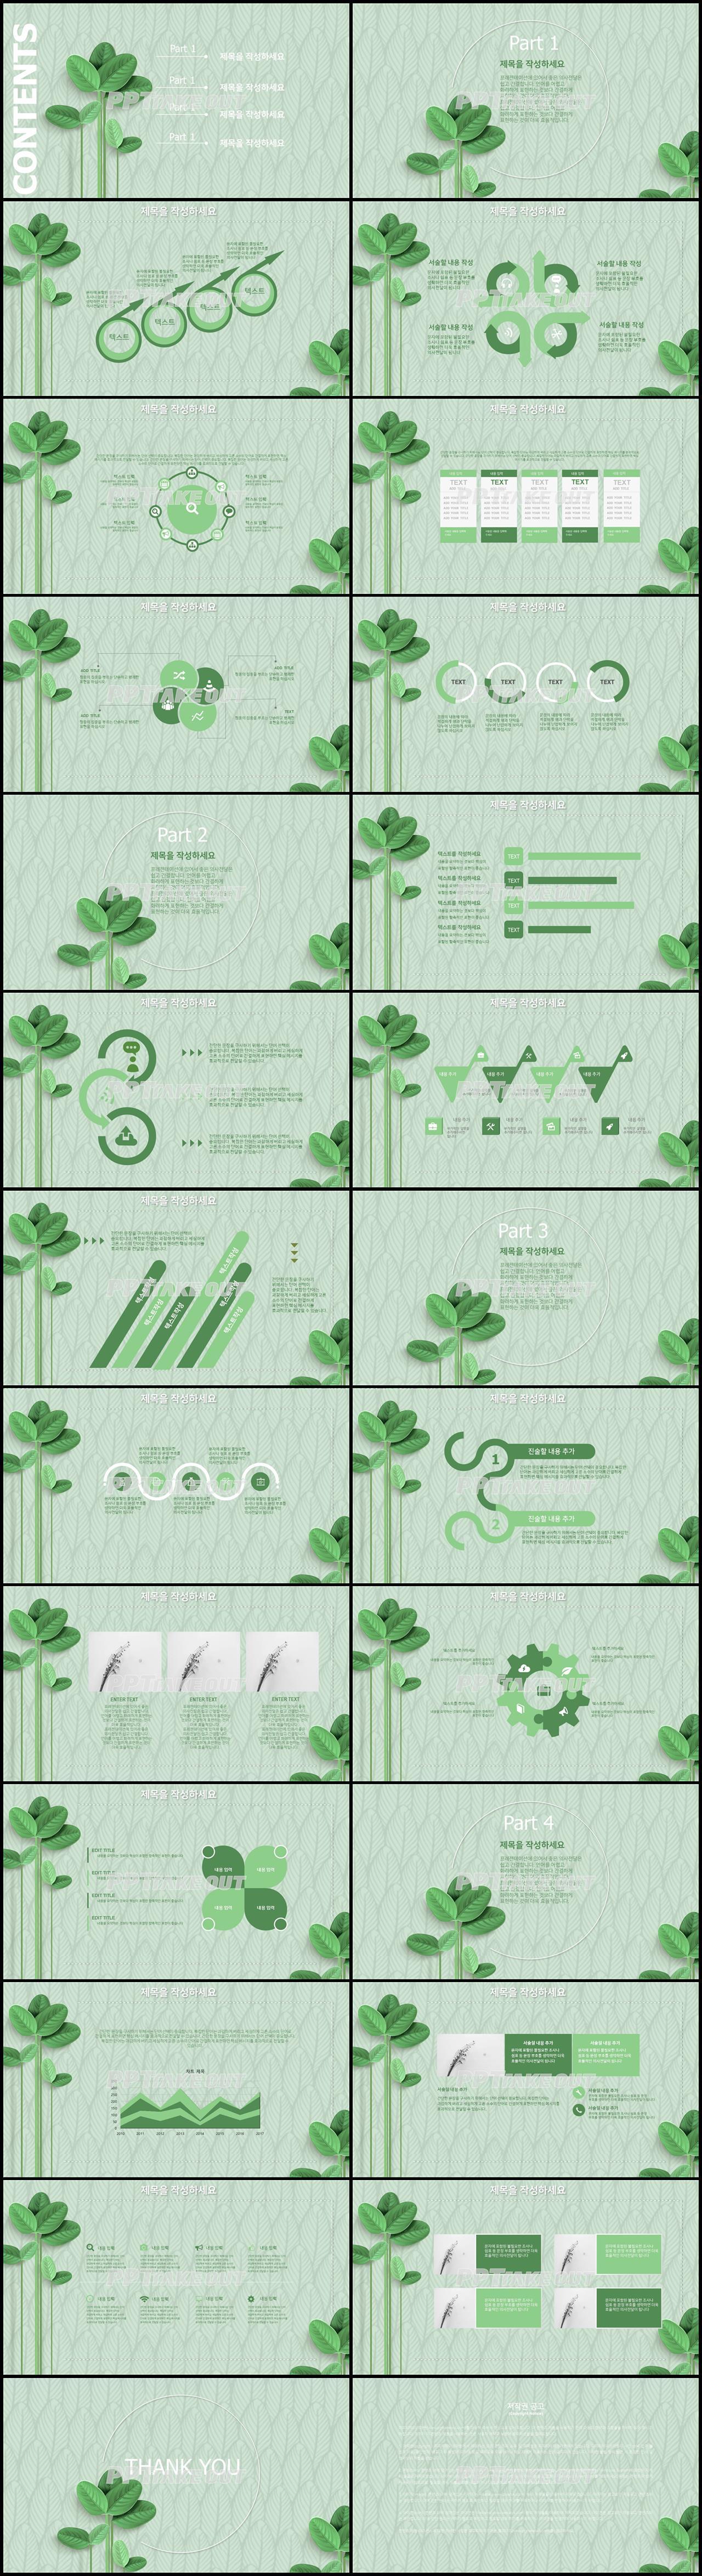 화초, 동식물 풀색 단정한 마음을 사로잡는 파워포인트탬플릿 다운 상세보기